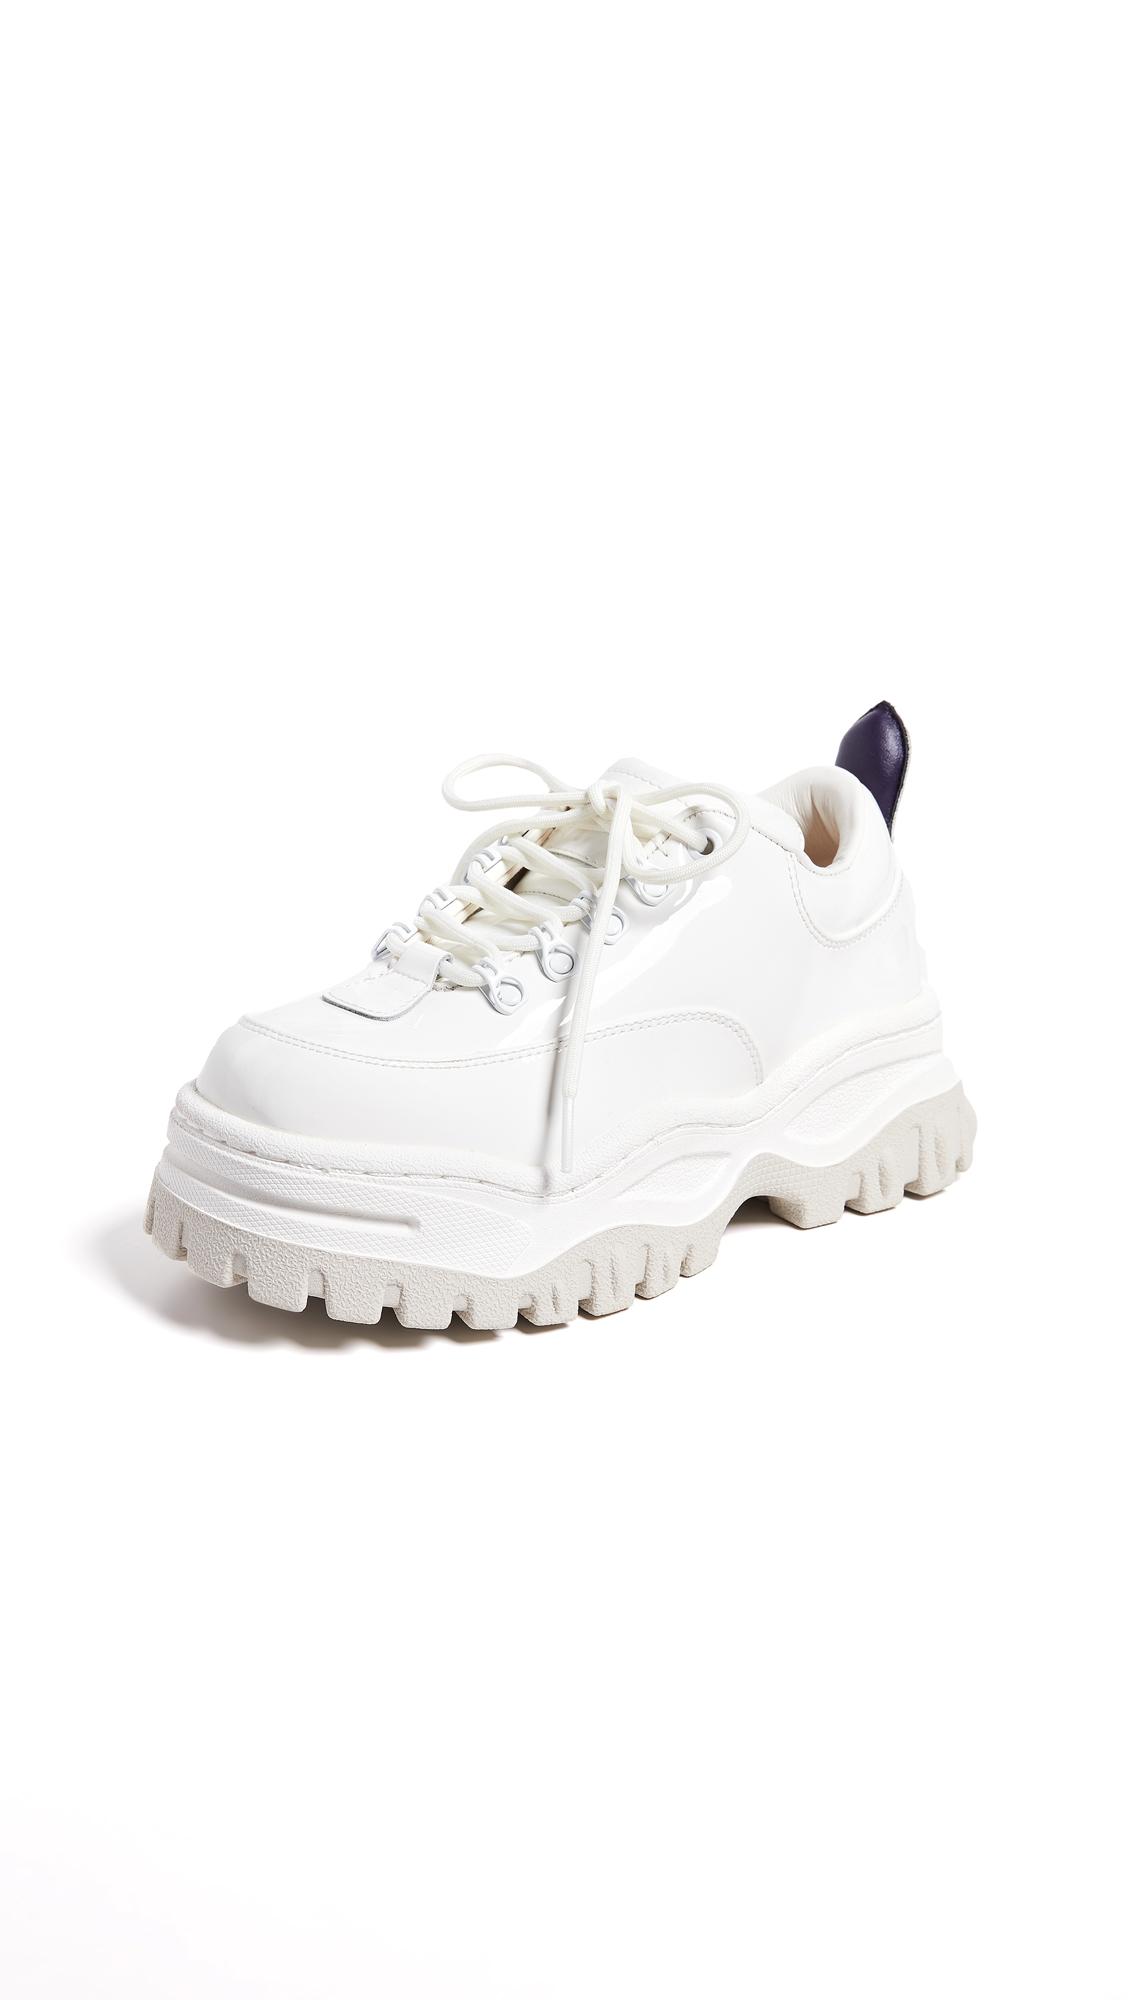 Eytys Angel Sneakers - White